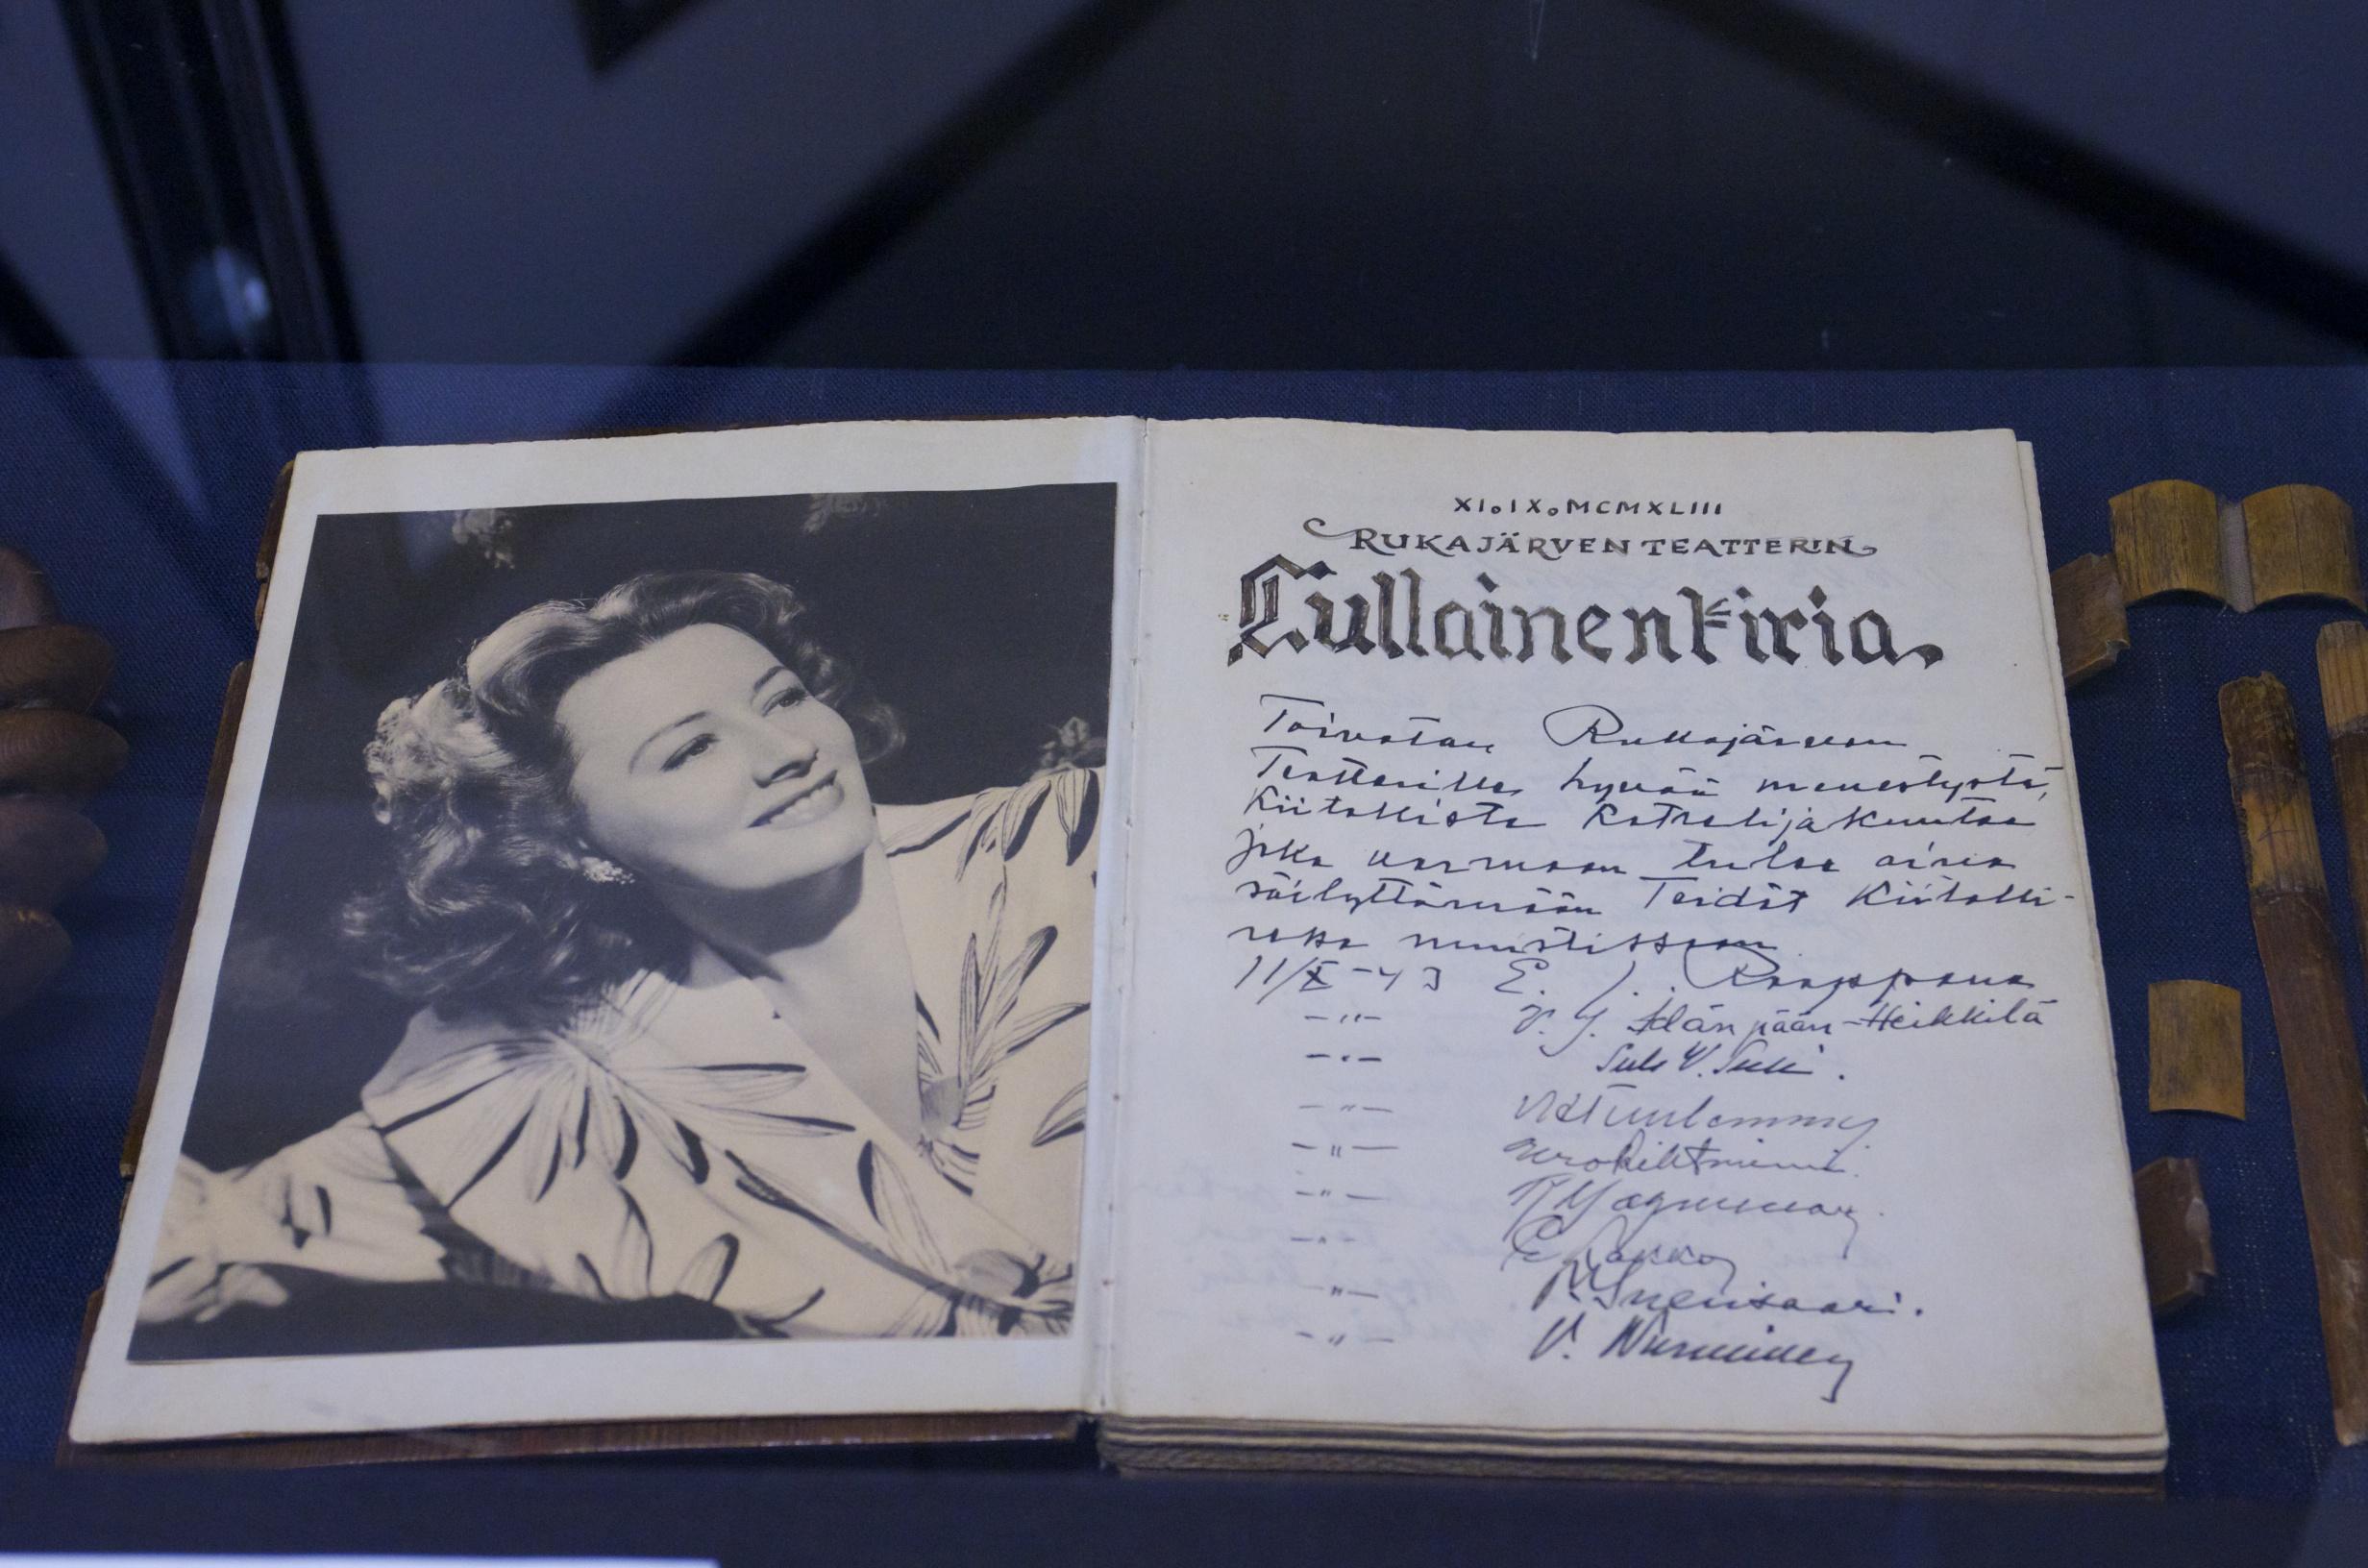 Keskuksessa voi tutustua myös alkuperäisiin dokumentteihin. Kuvassa on Rukajärven teatterin päiväkirja.